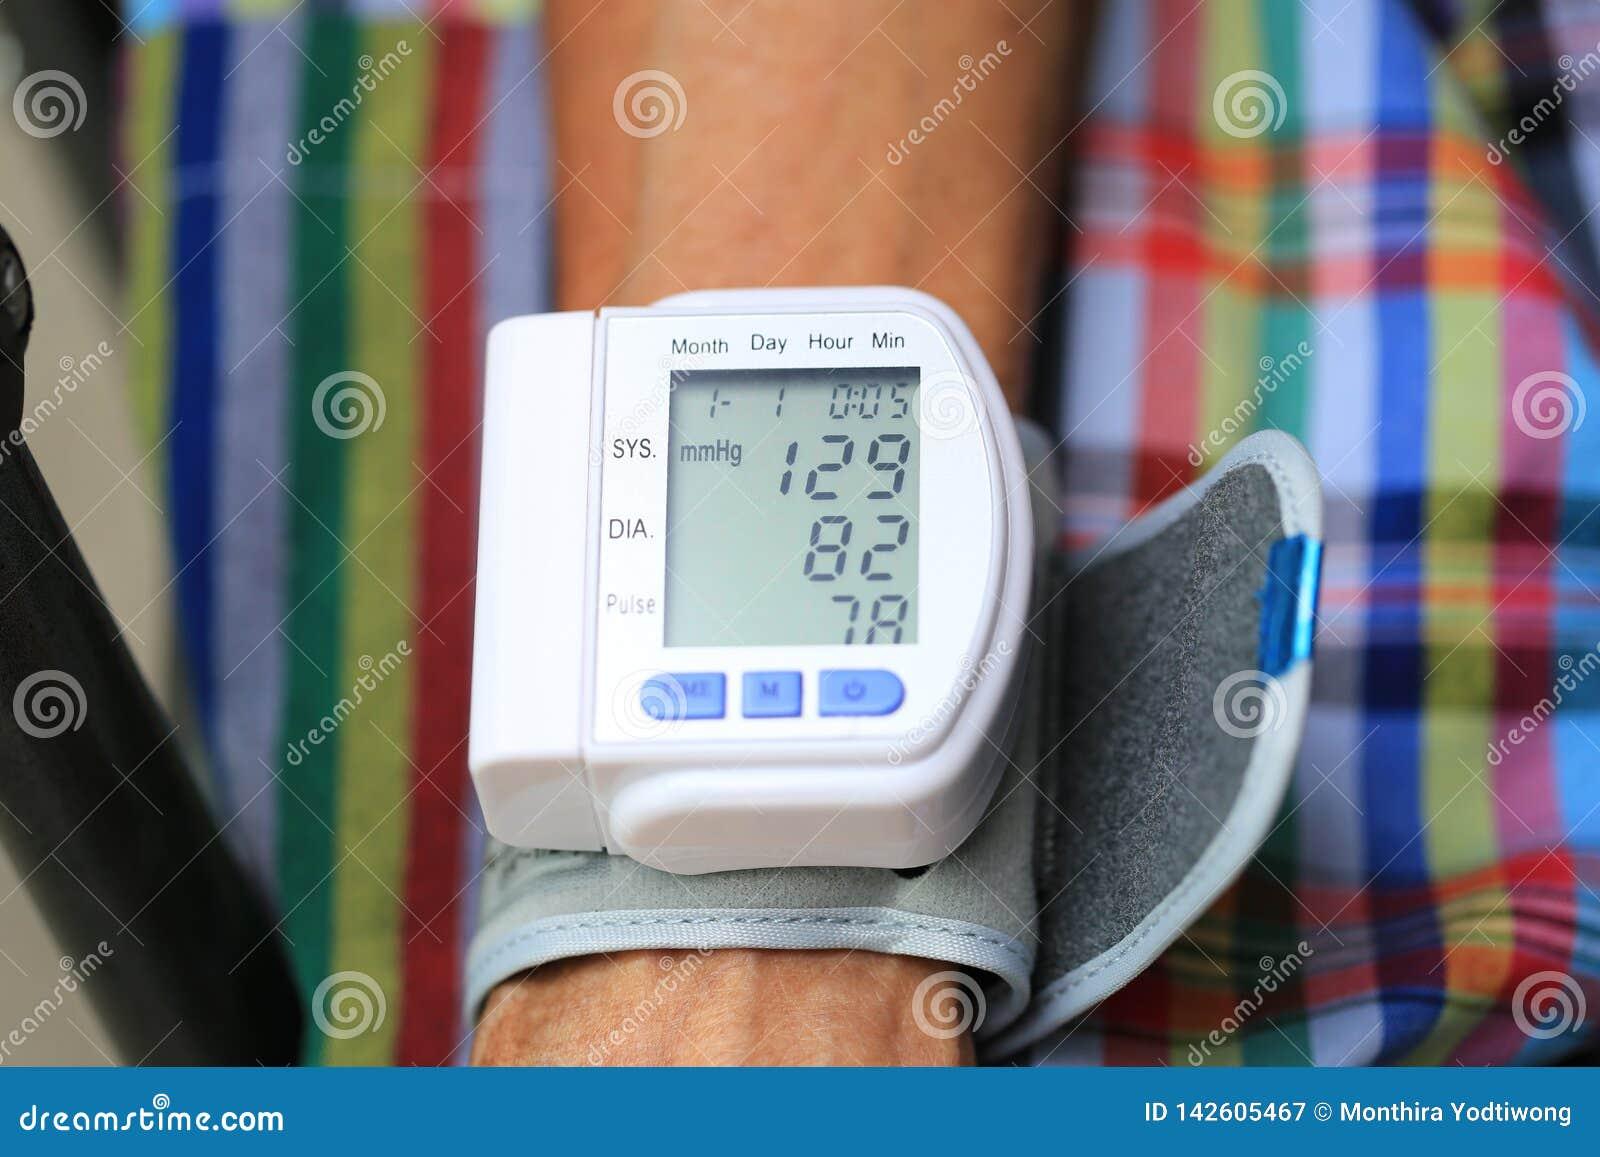 Ανώτερο όργανο ελέγχου πίεσης του αίματος ελέγχου ατόμων, έννοια υγειονομικής περίθαλψης